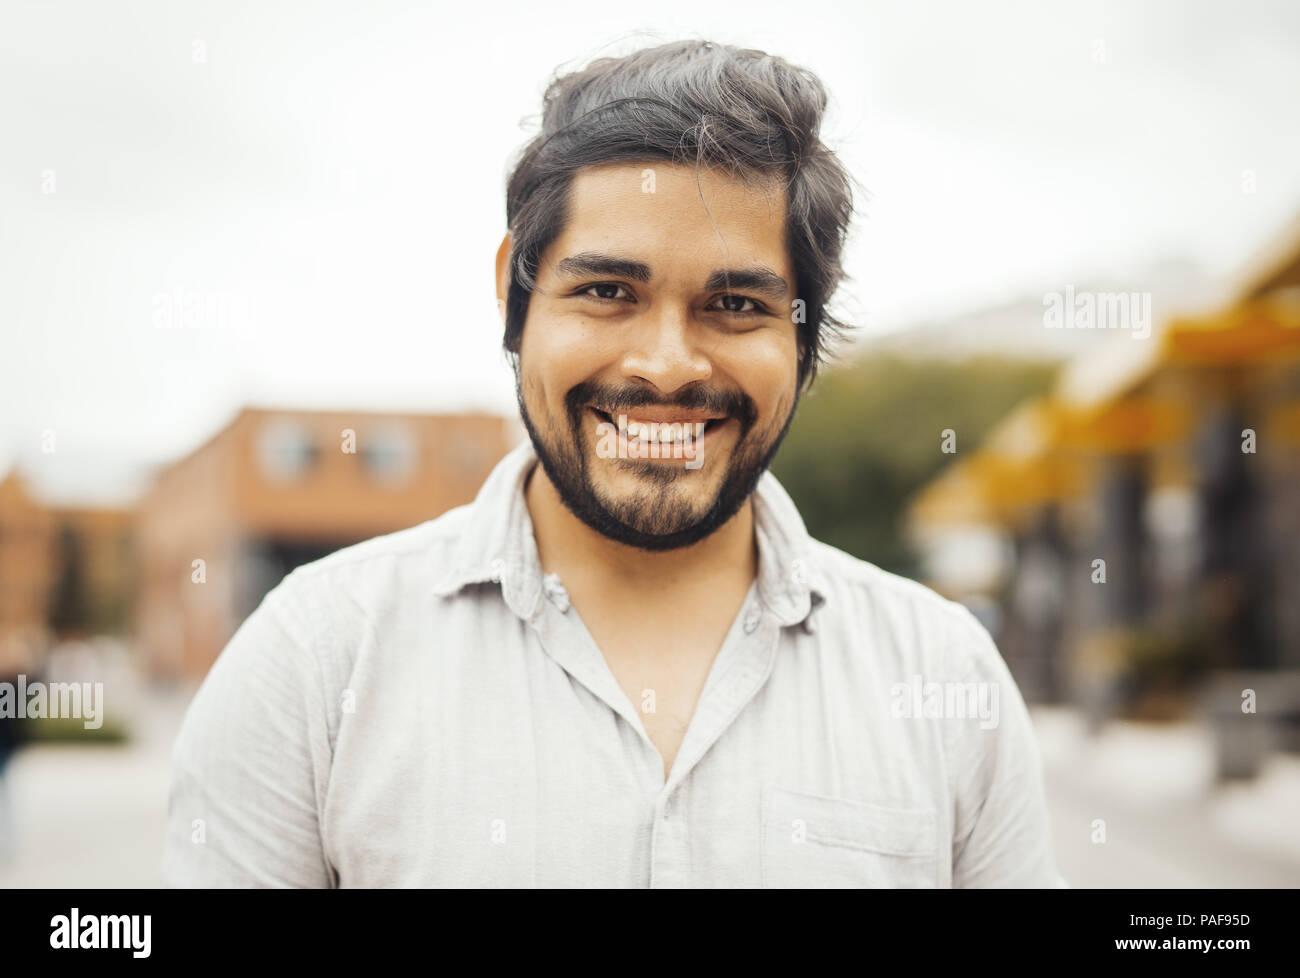 Atractiva morena América hombre mirando a la cámara y sonriendo. Imagen De Stock